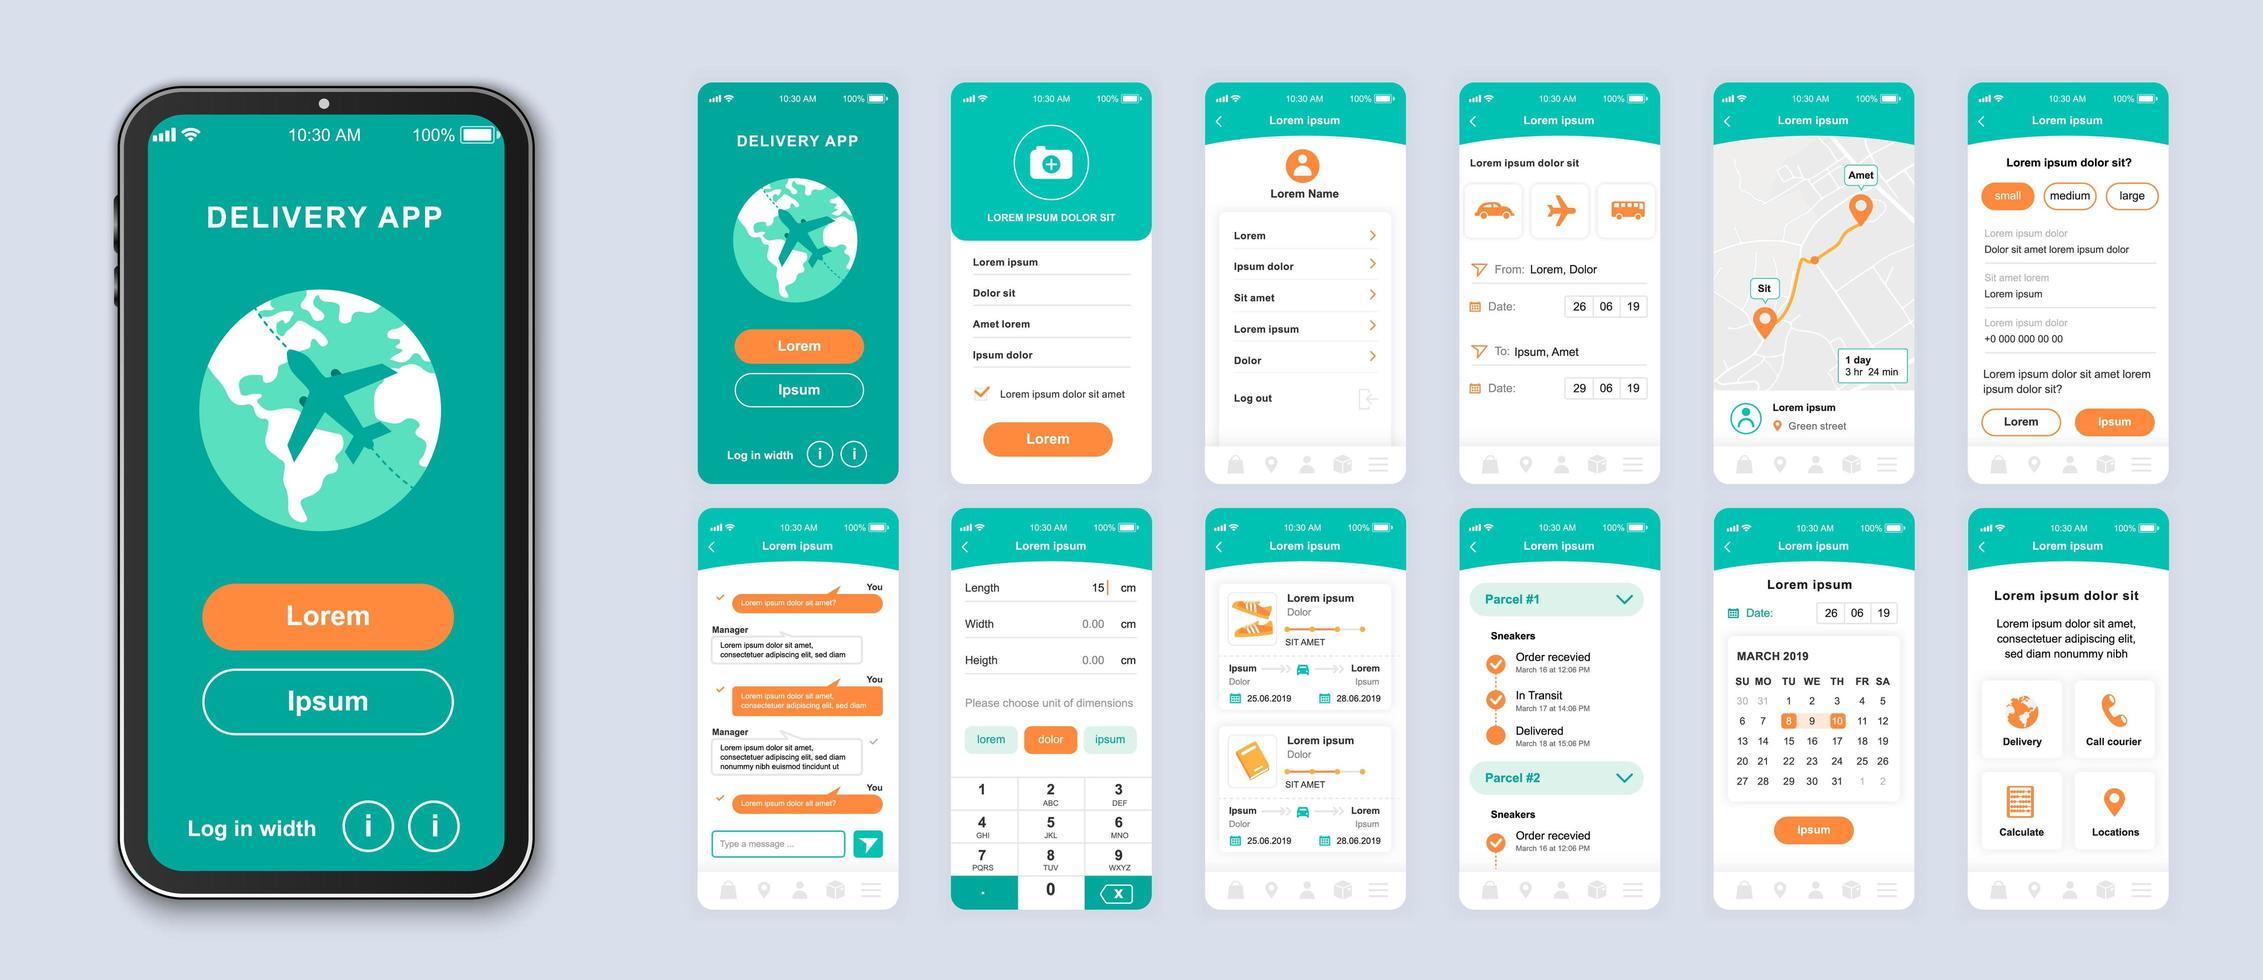 interface de smartphone ui de entrega verde e laranja vetor